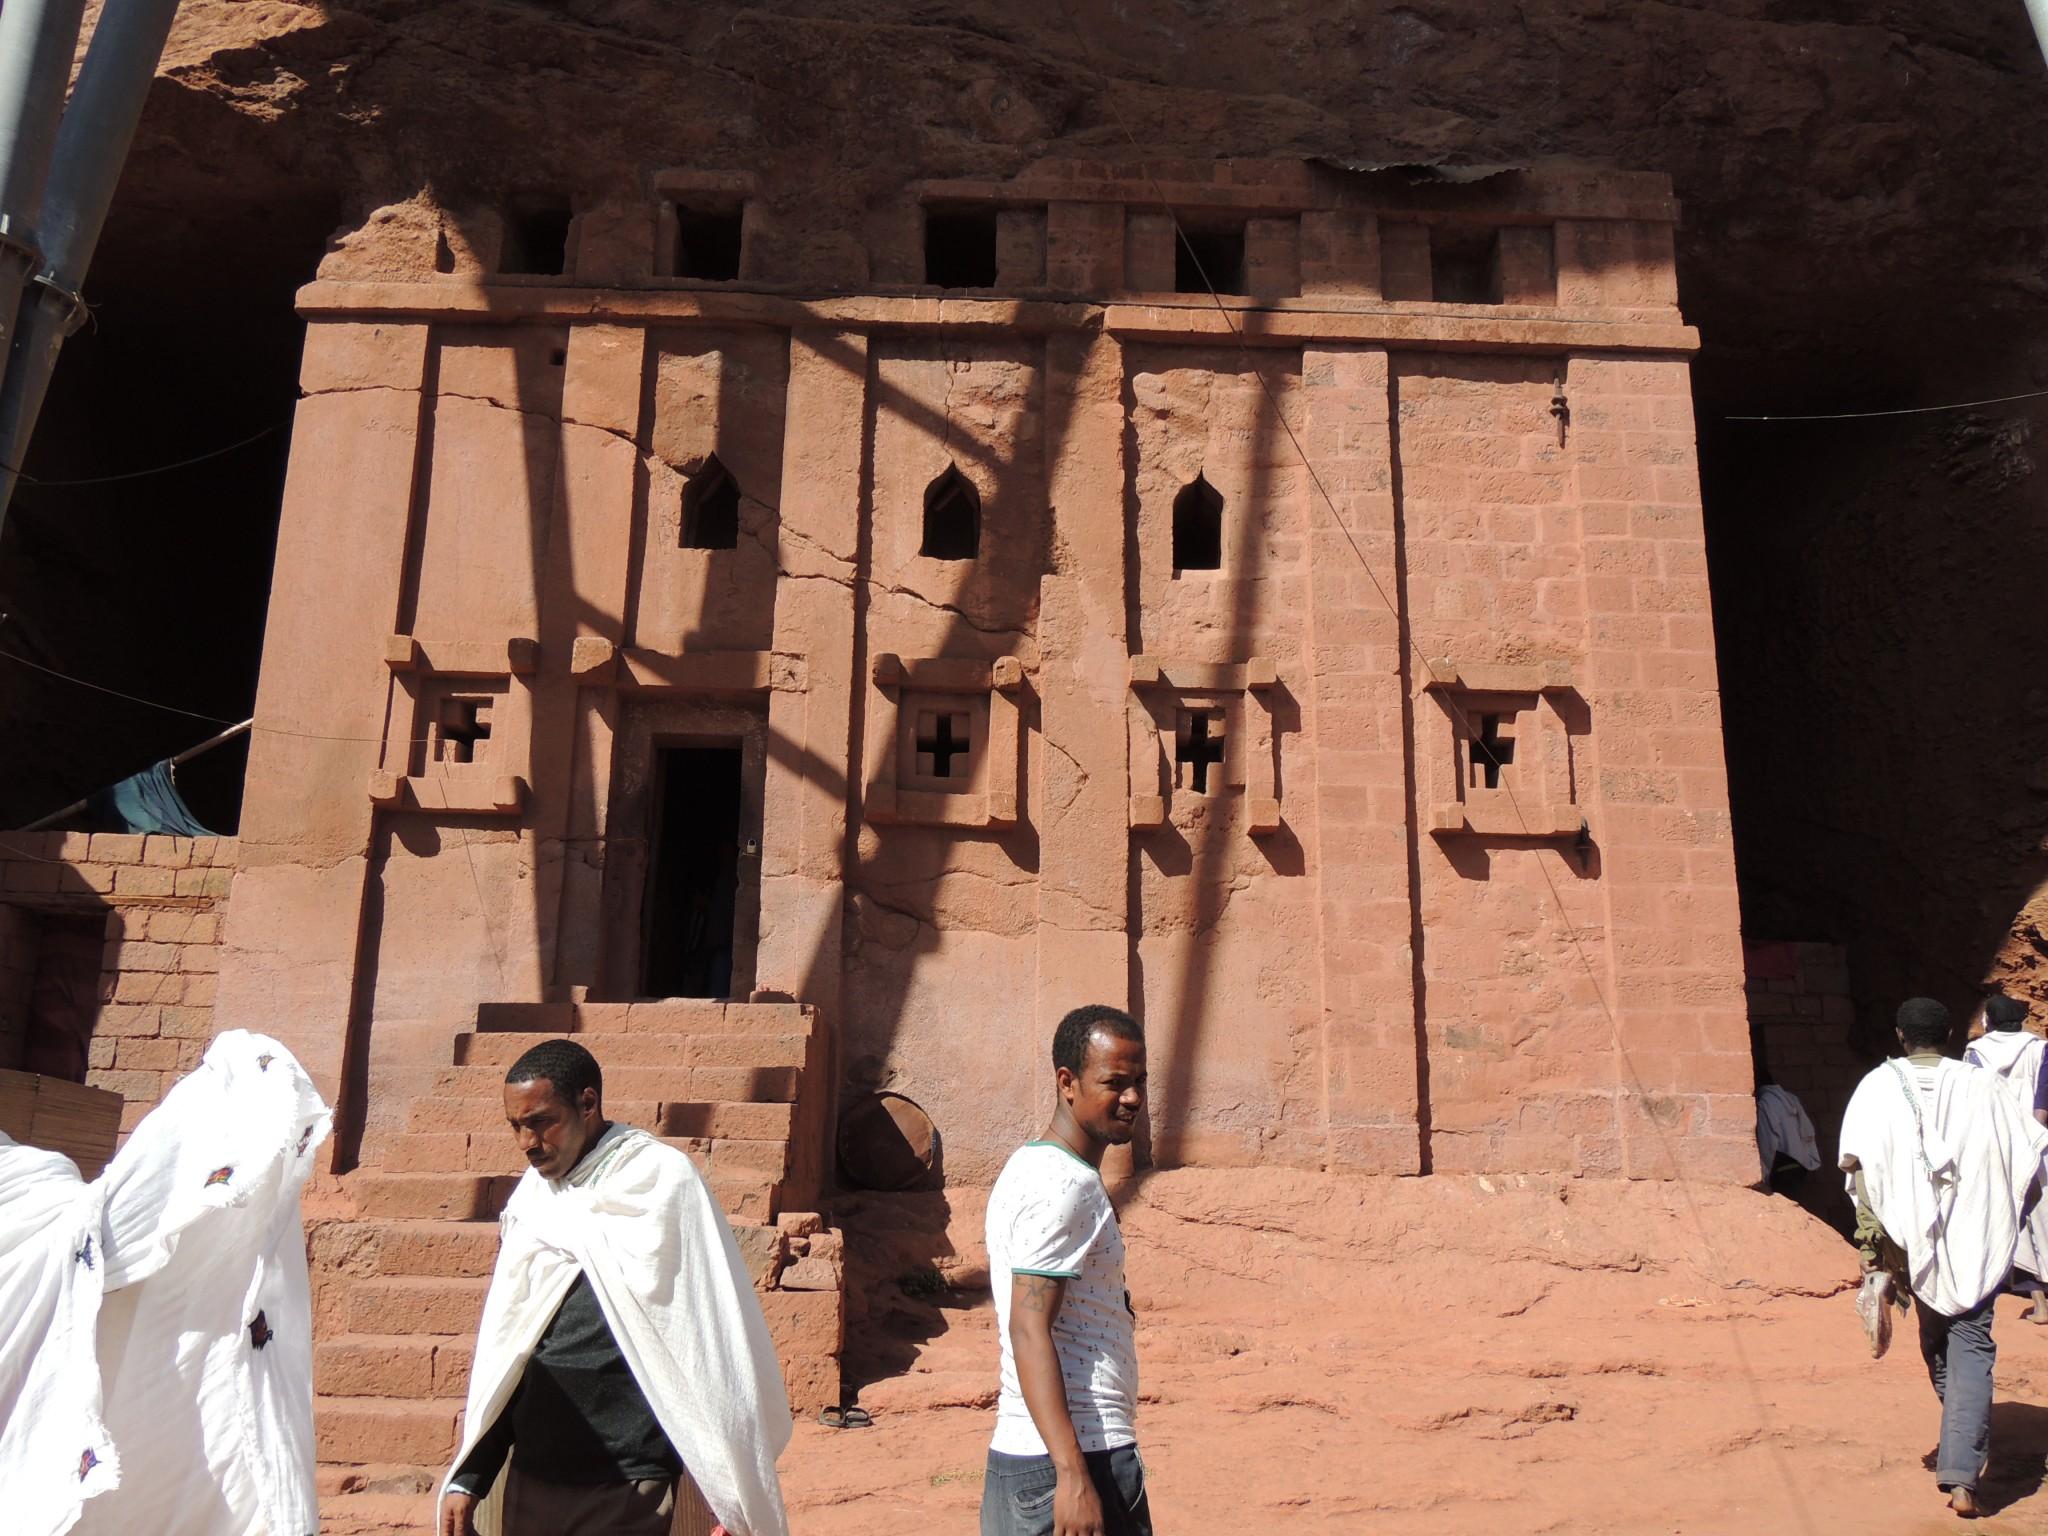 Groepsreis Ethiopië, een land met cultuur, natuur en unieke volkeren10